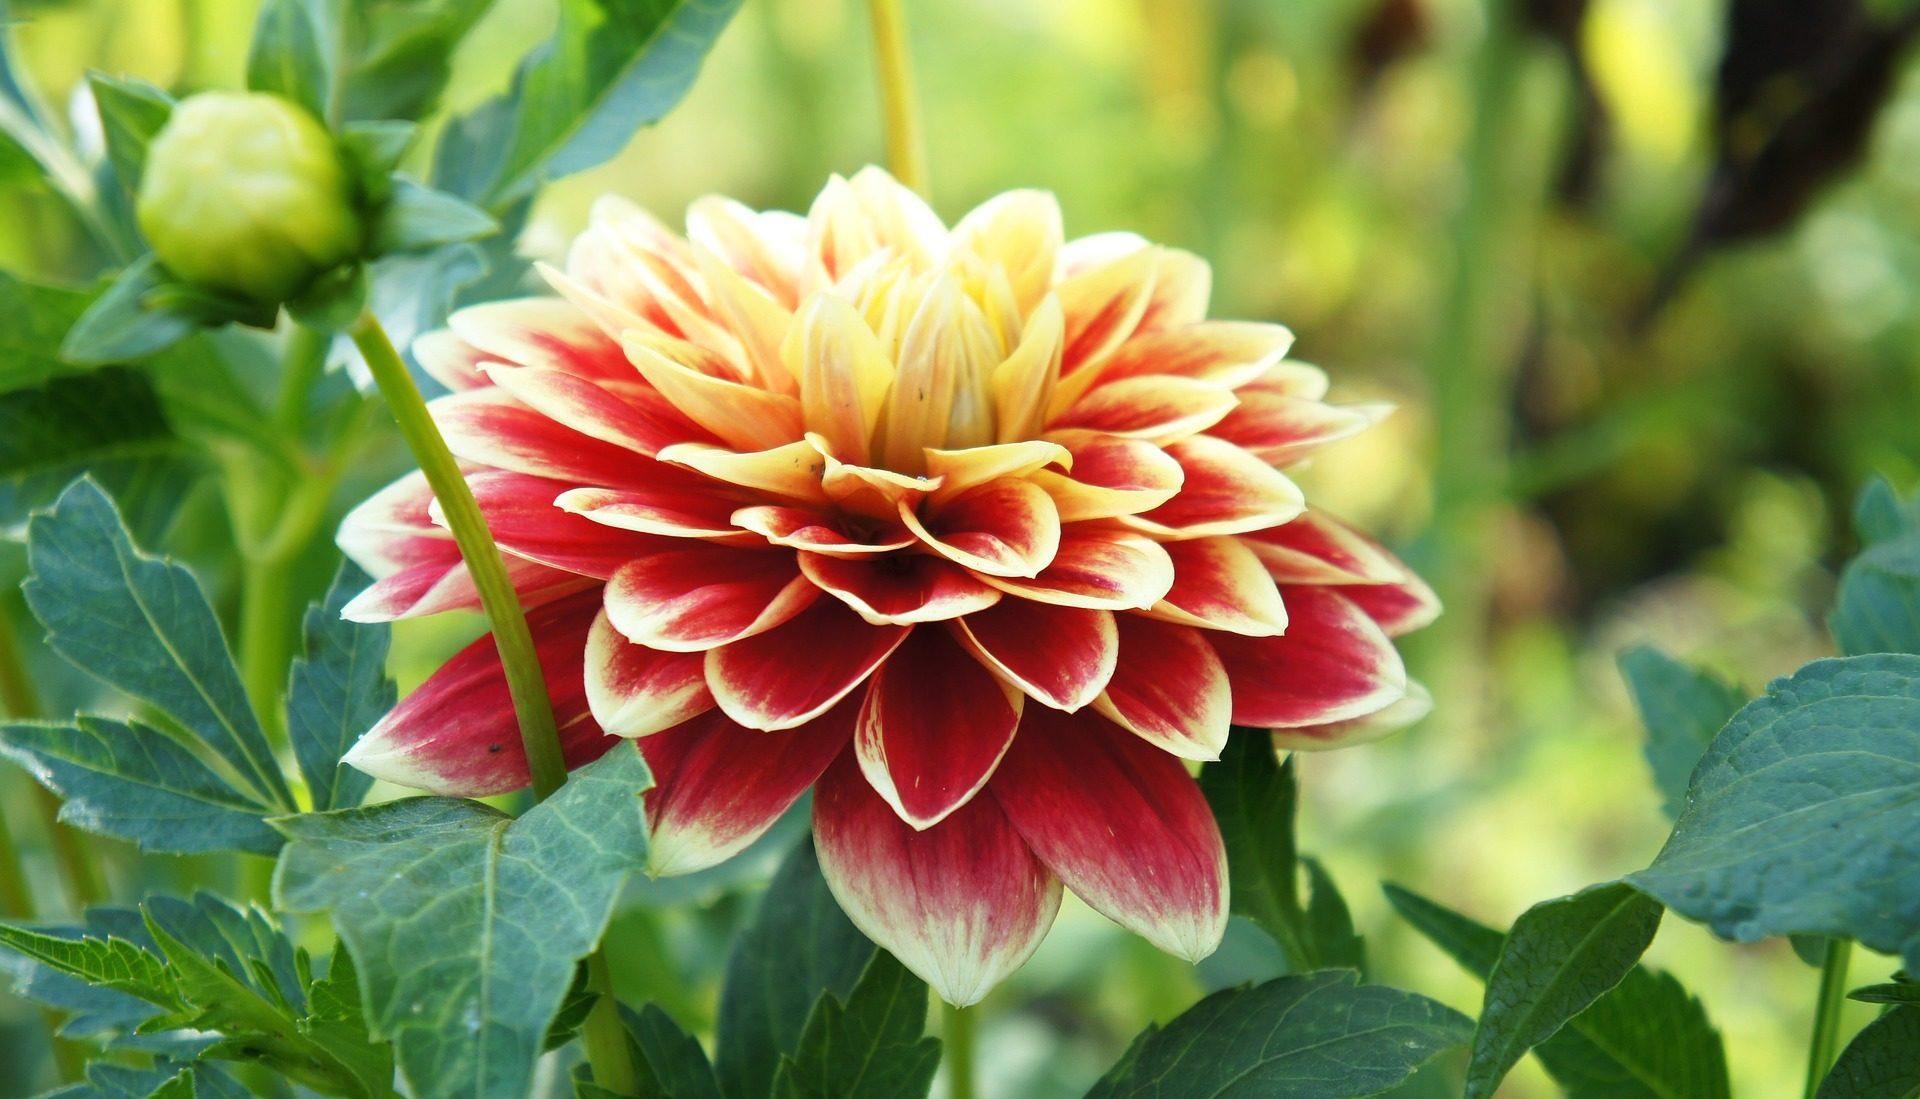 फूल, Dalia, भू-तल, पंखुड़ियों, रंगीन, सौंदर्य - HD वॉलपेपर - प्रोफेसर-falken.com